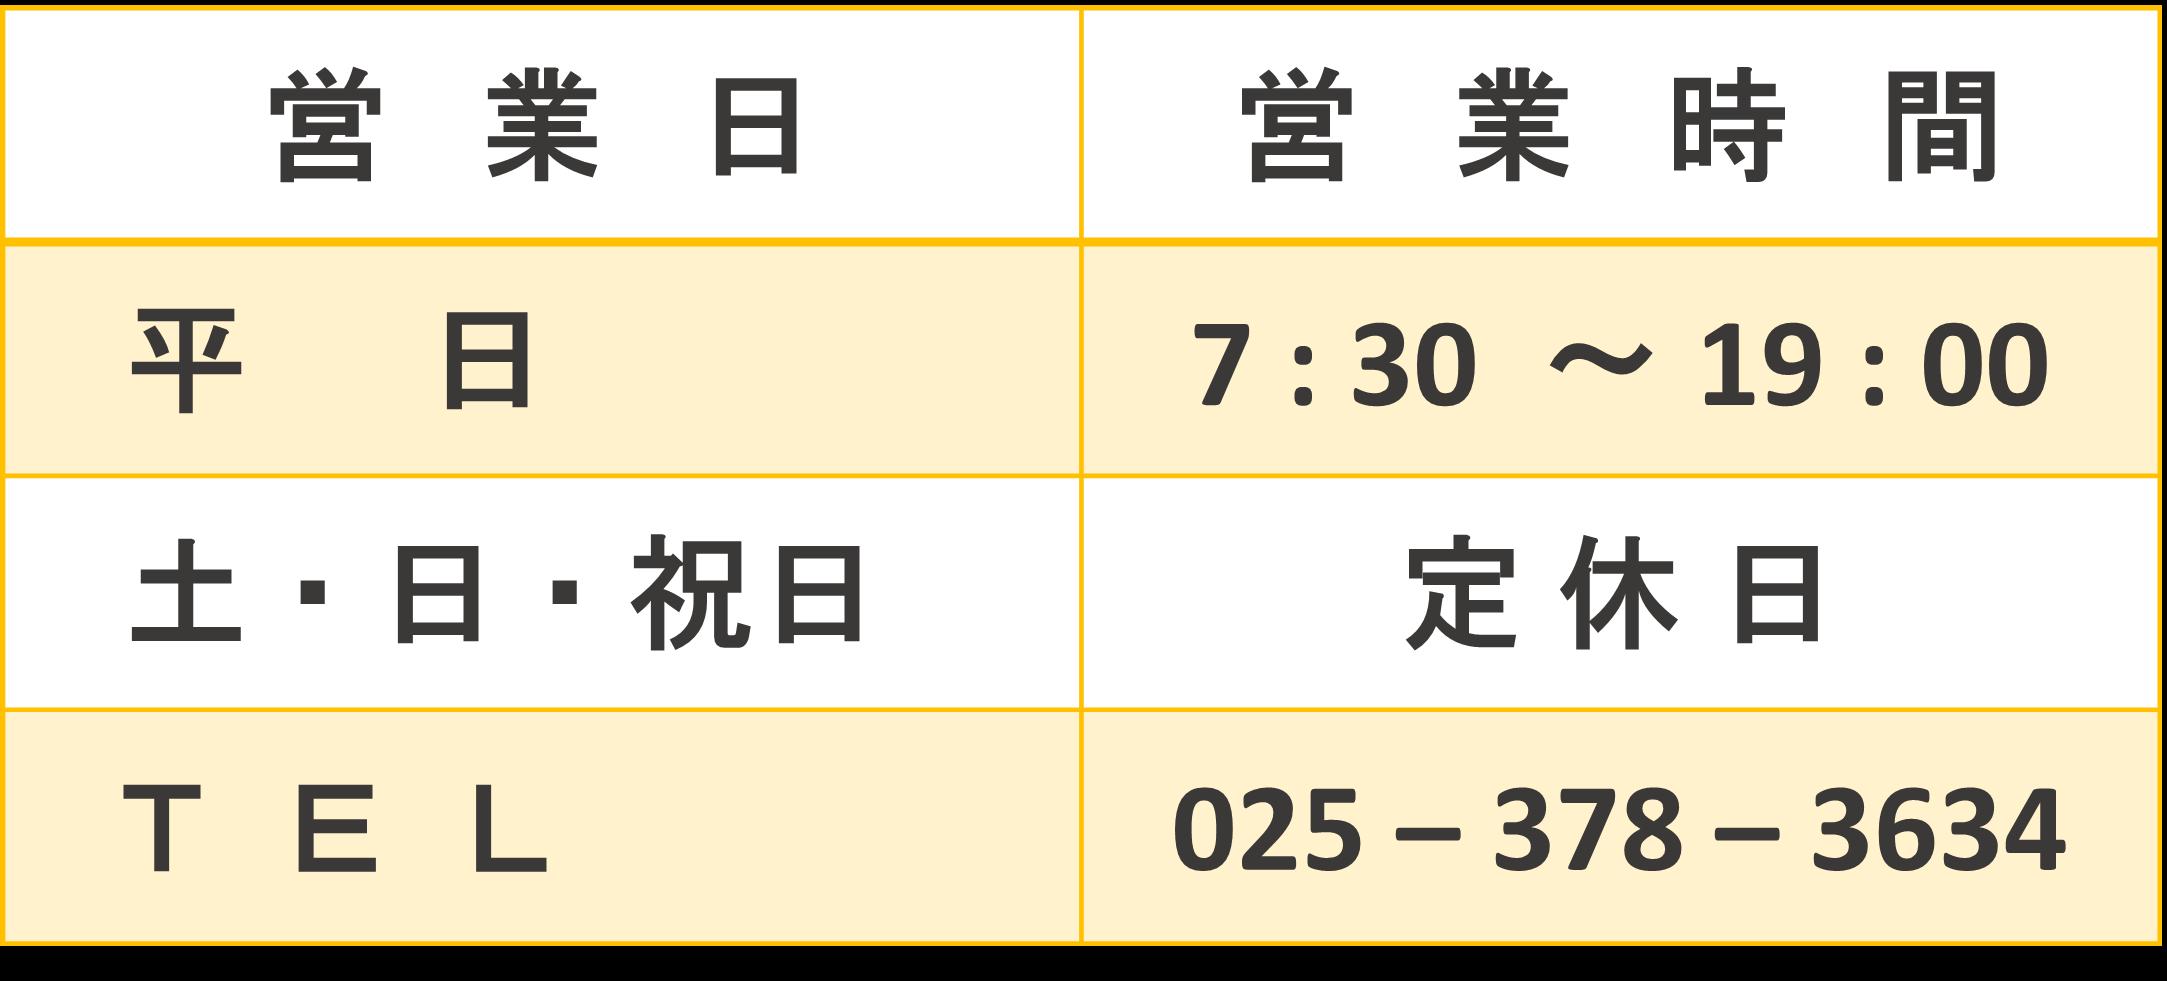 ローソン新潟大学病院店営業時間 平日7:00~21:00 土・日・祝日 定休日 TEL025-378-3634